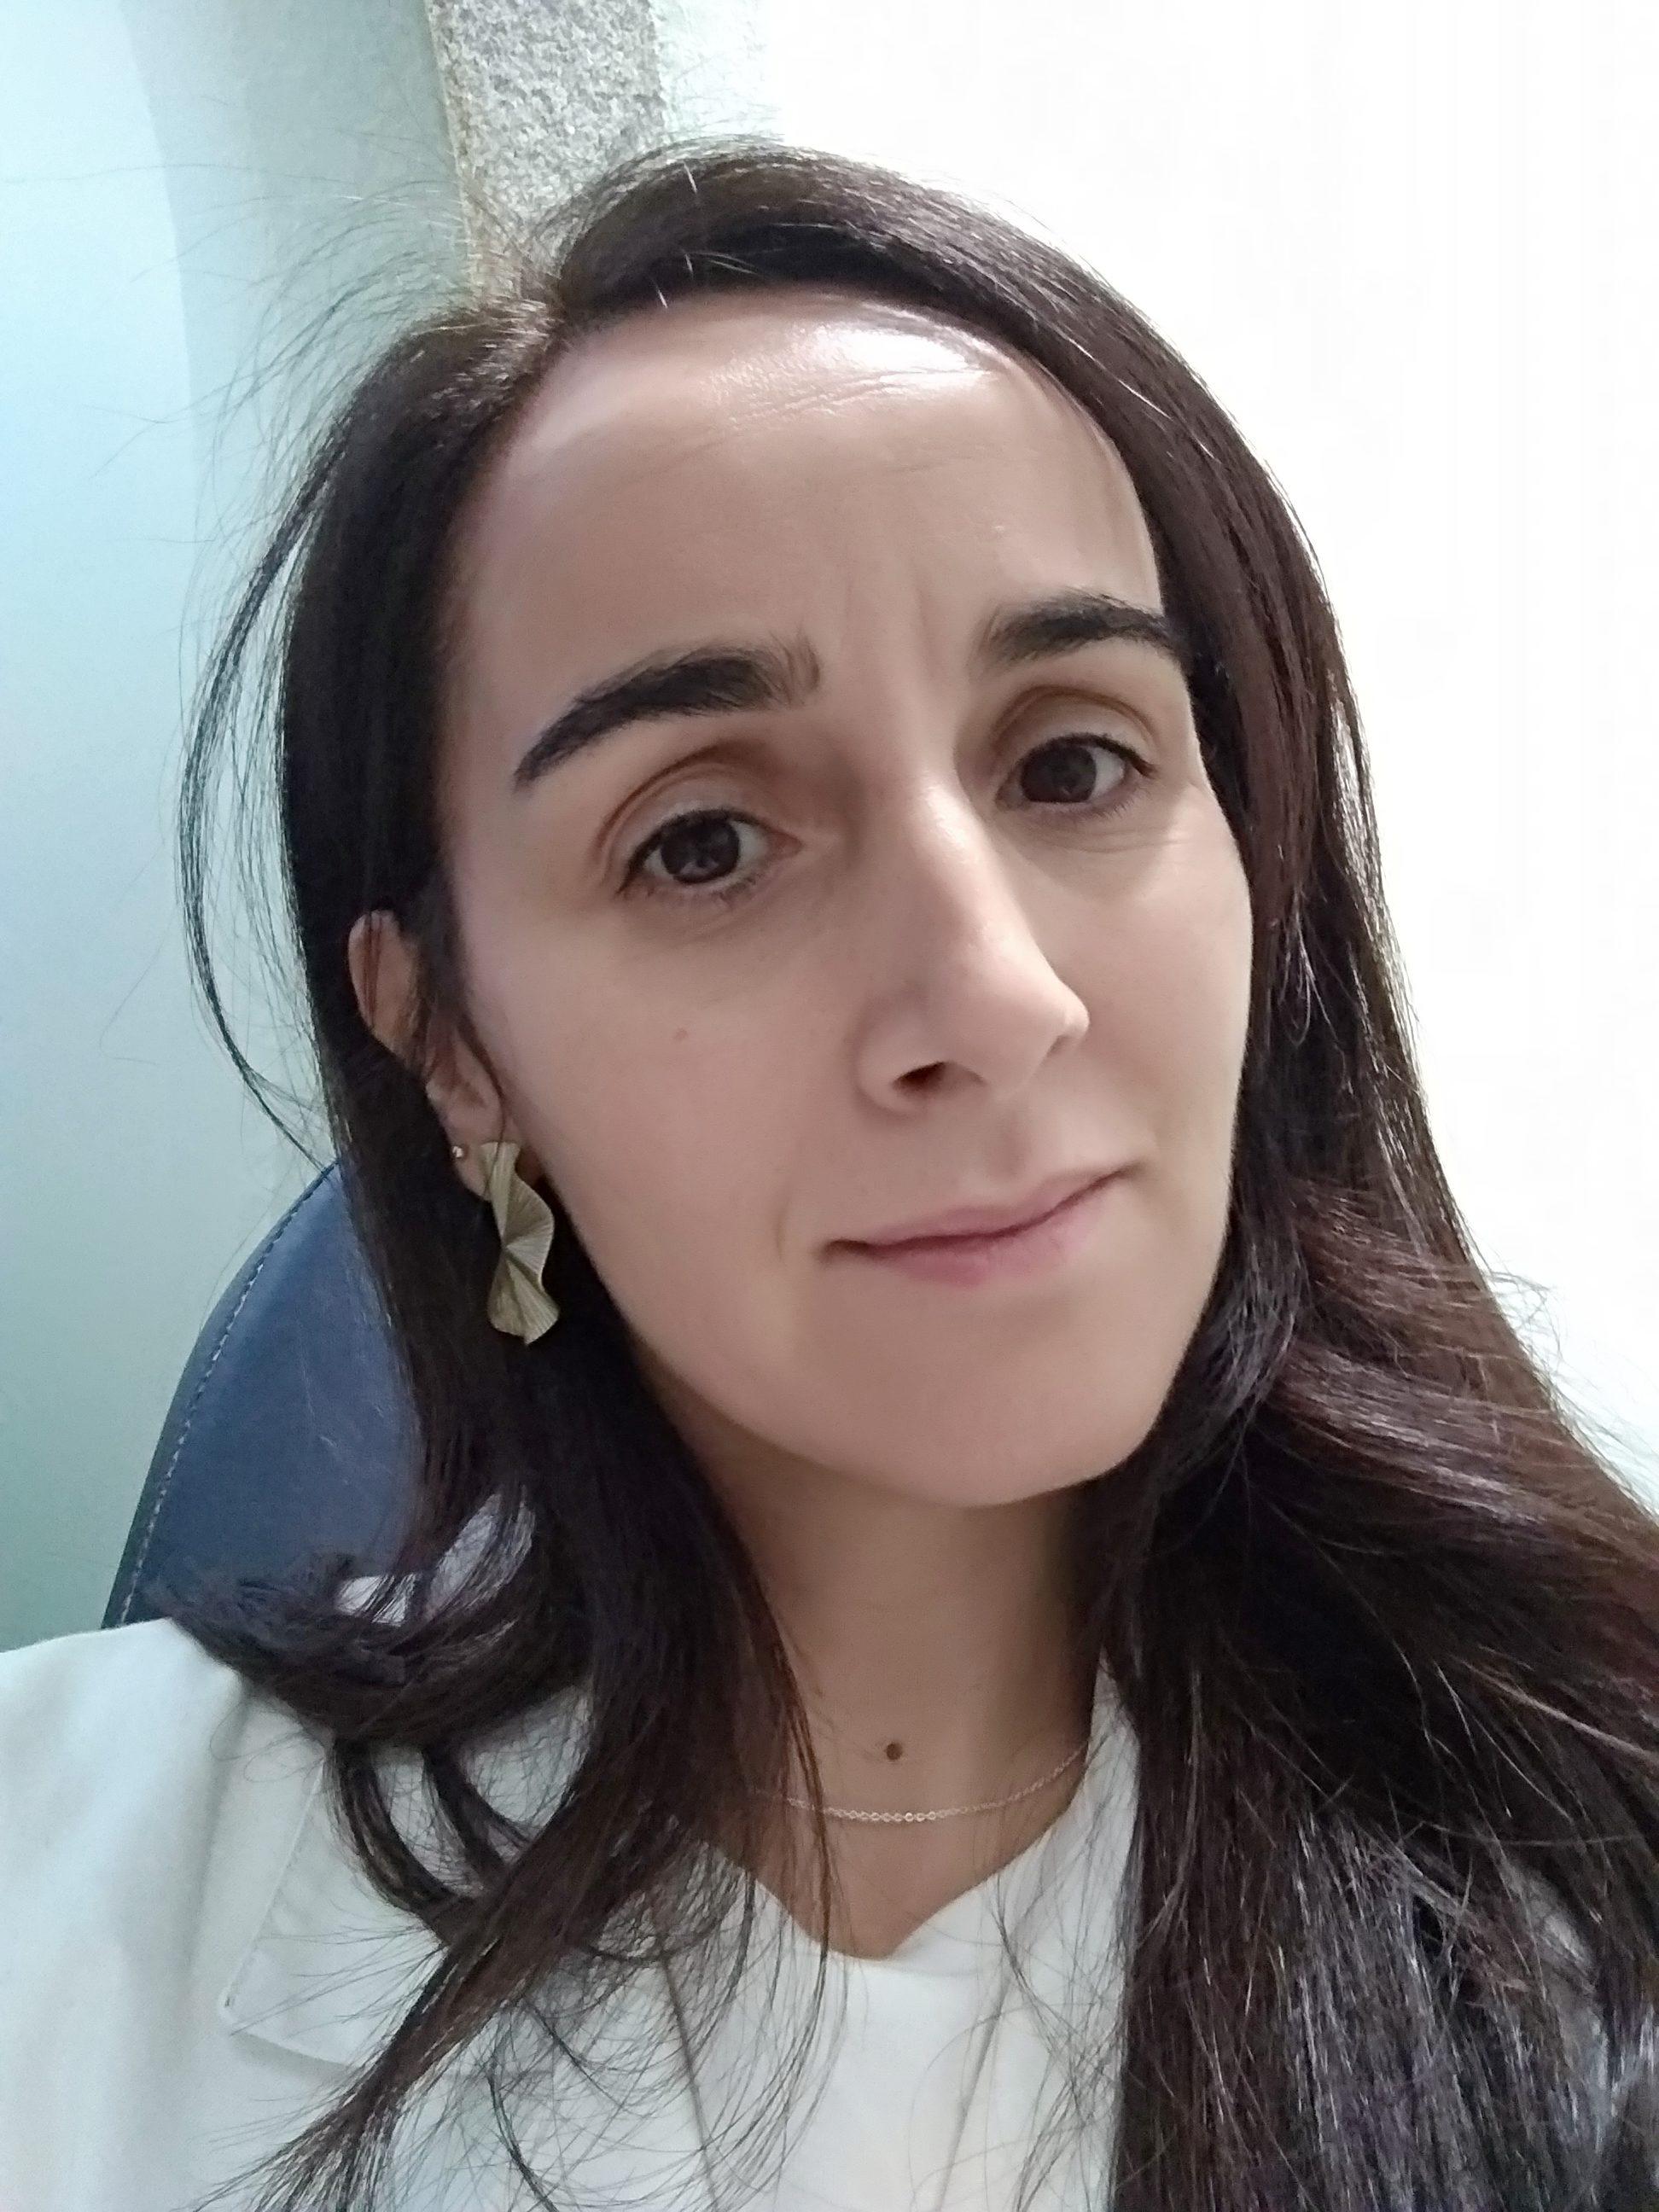 Enfª Marina Pedroso - Clinica Médica da Foz